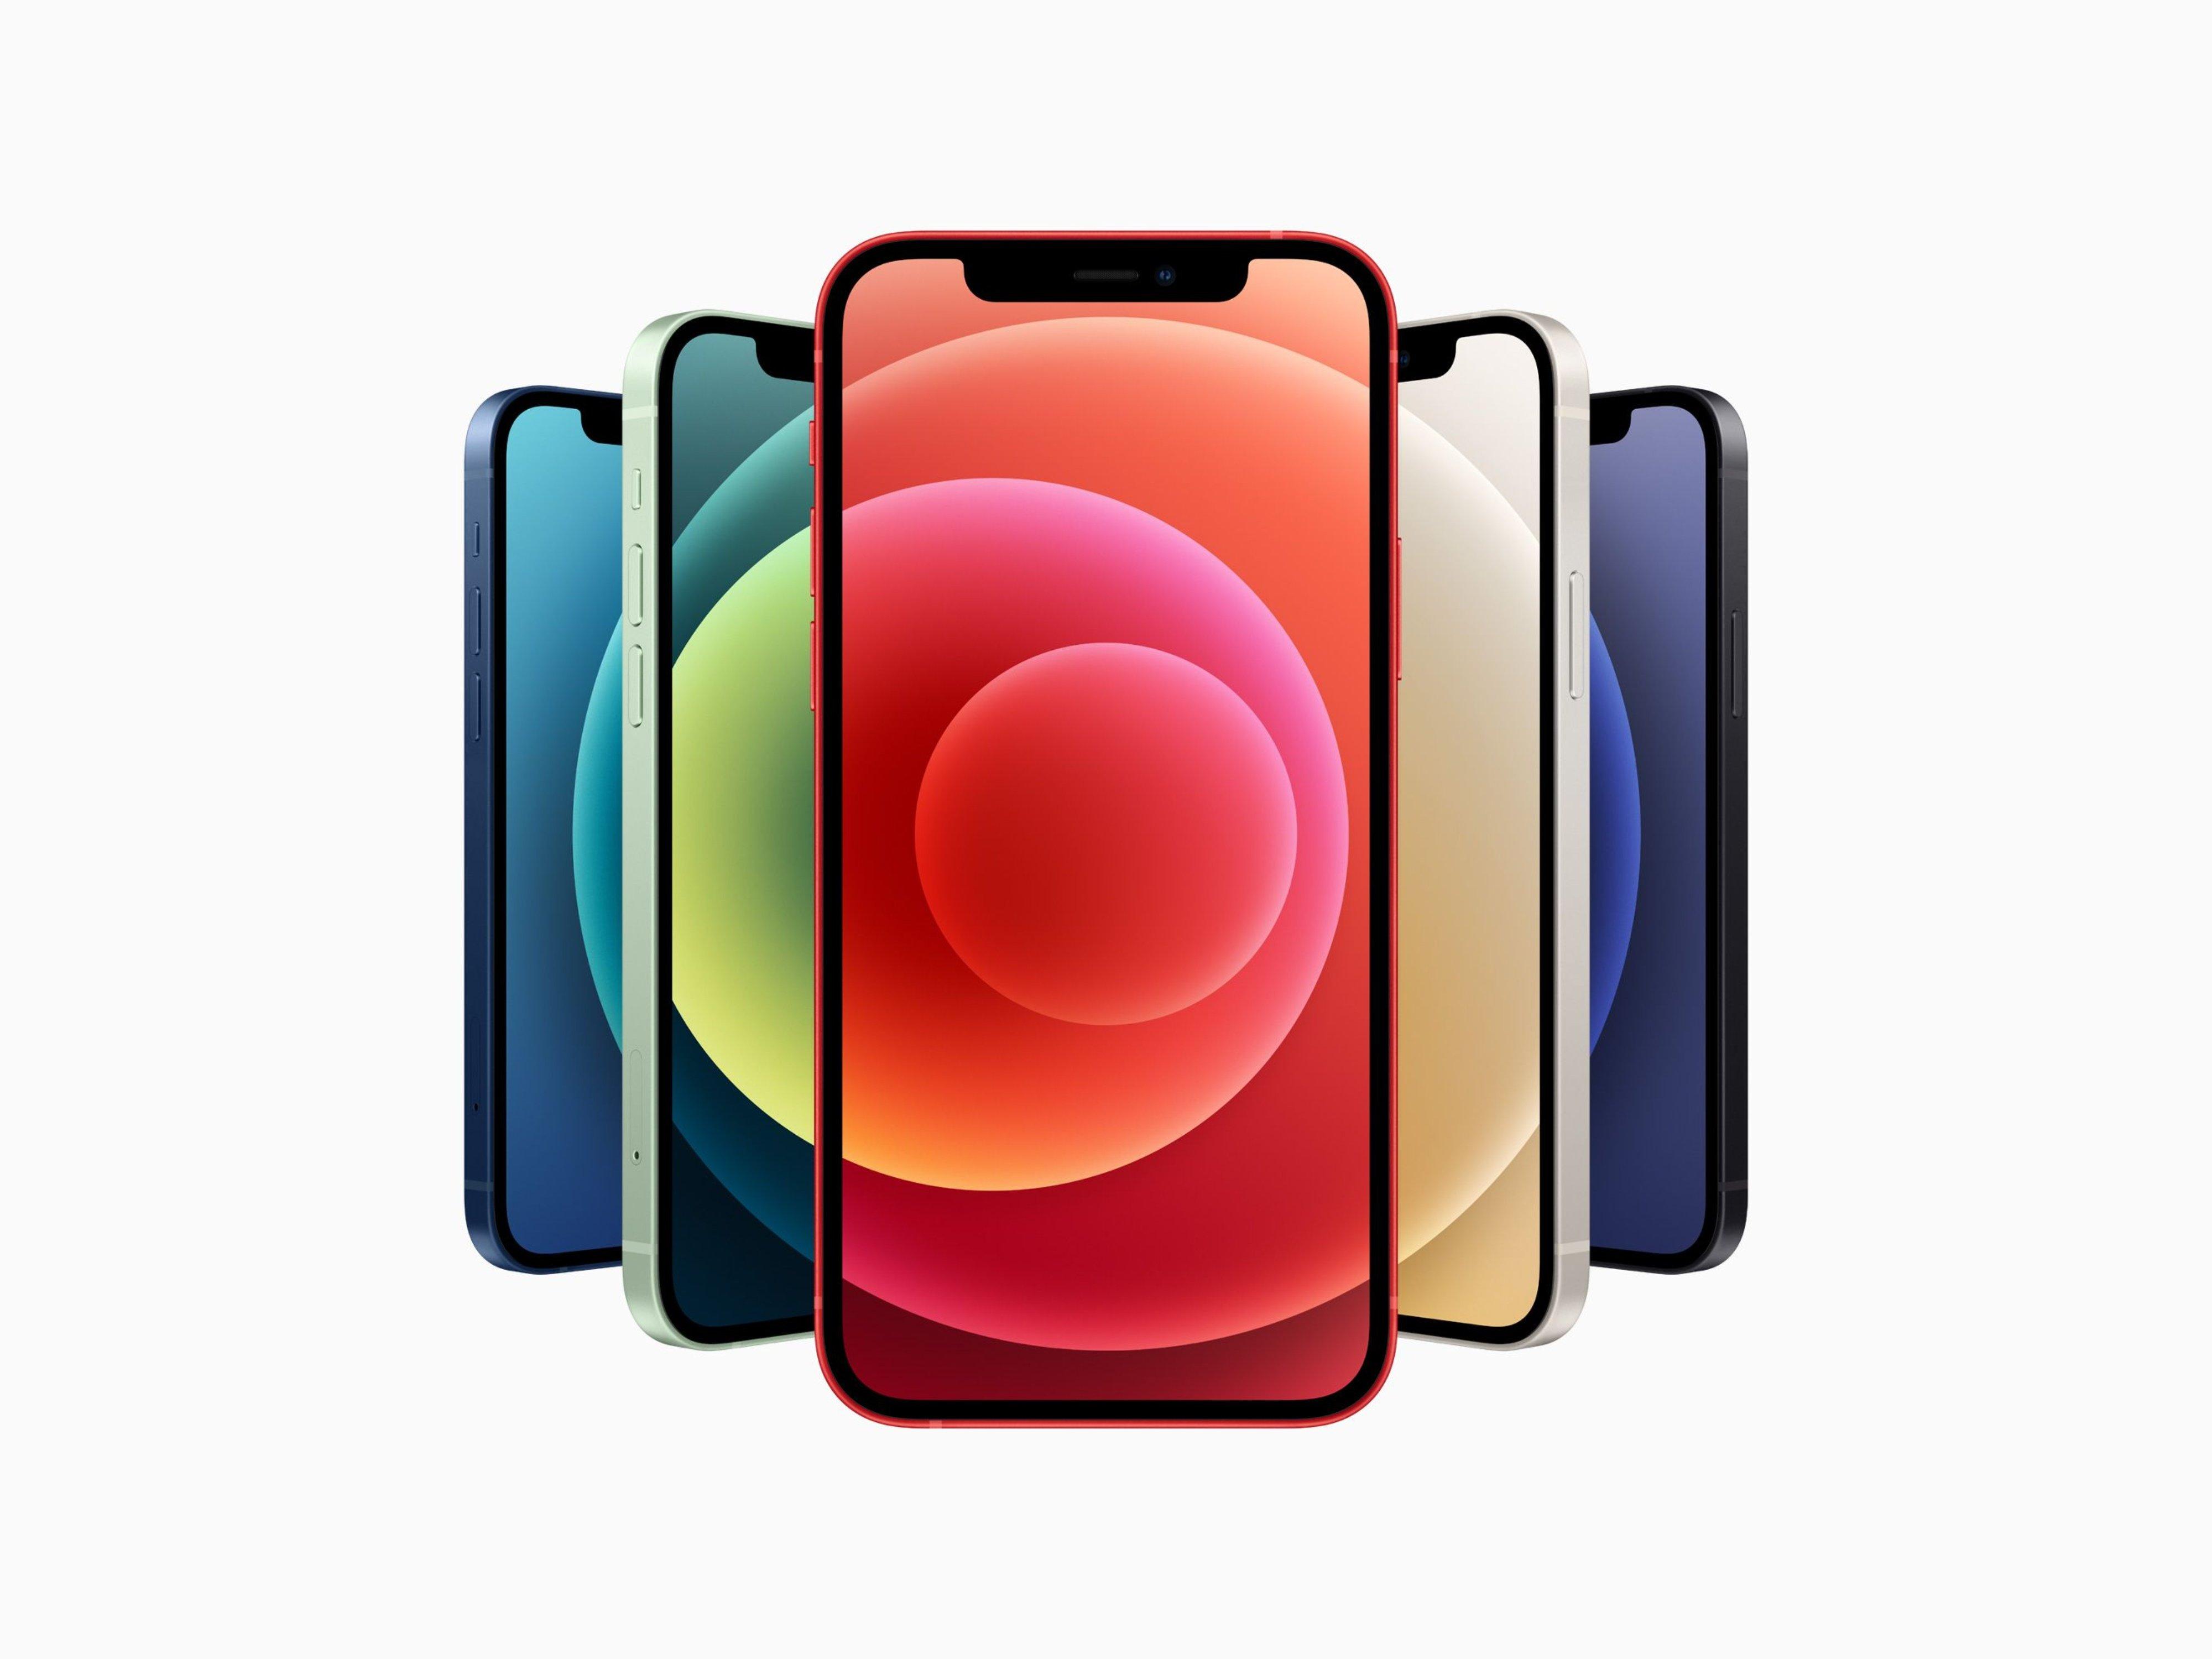 Apple iPhone 12 vorgestellt